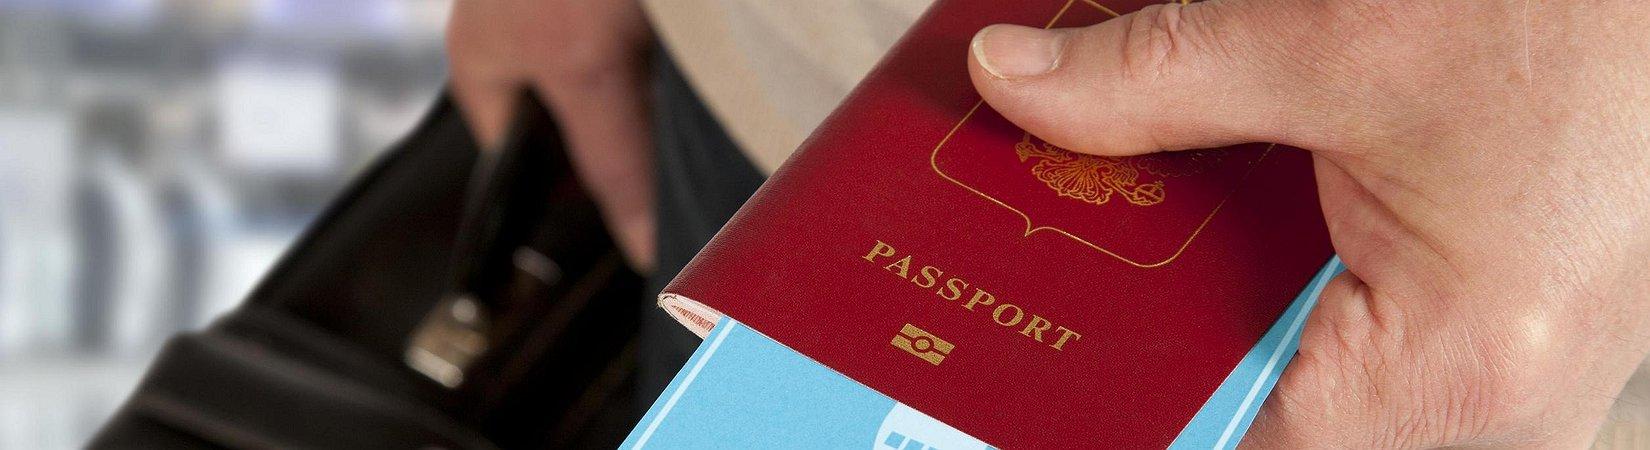 Österreich entwickelt eine Pass-App